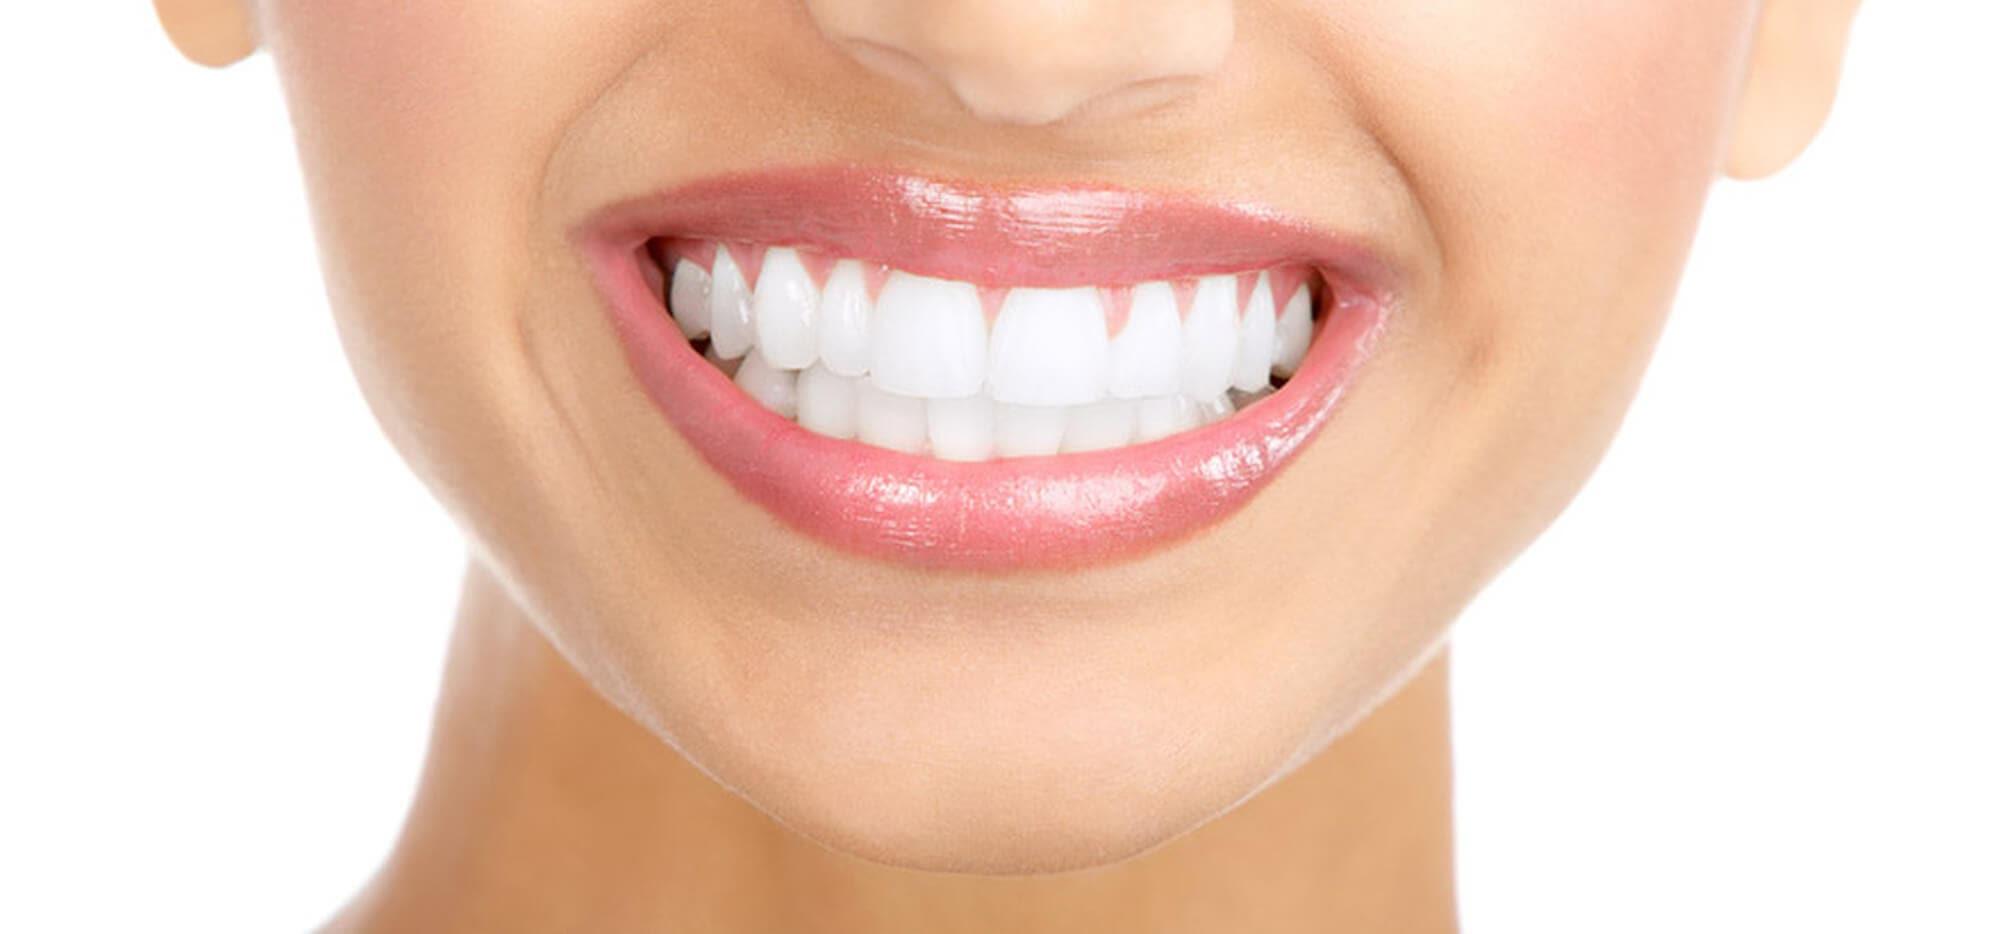 Лучшая стоматология в Москве